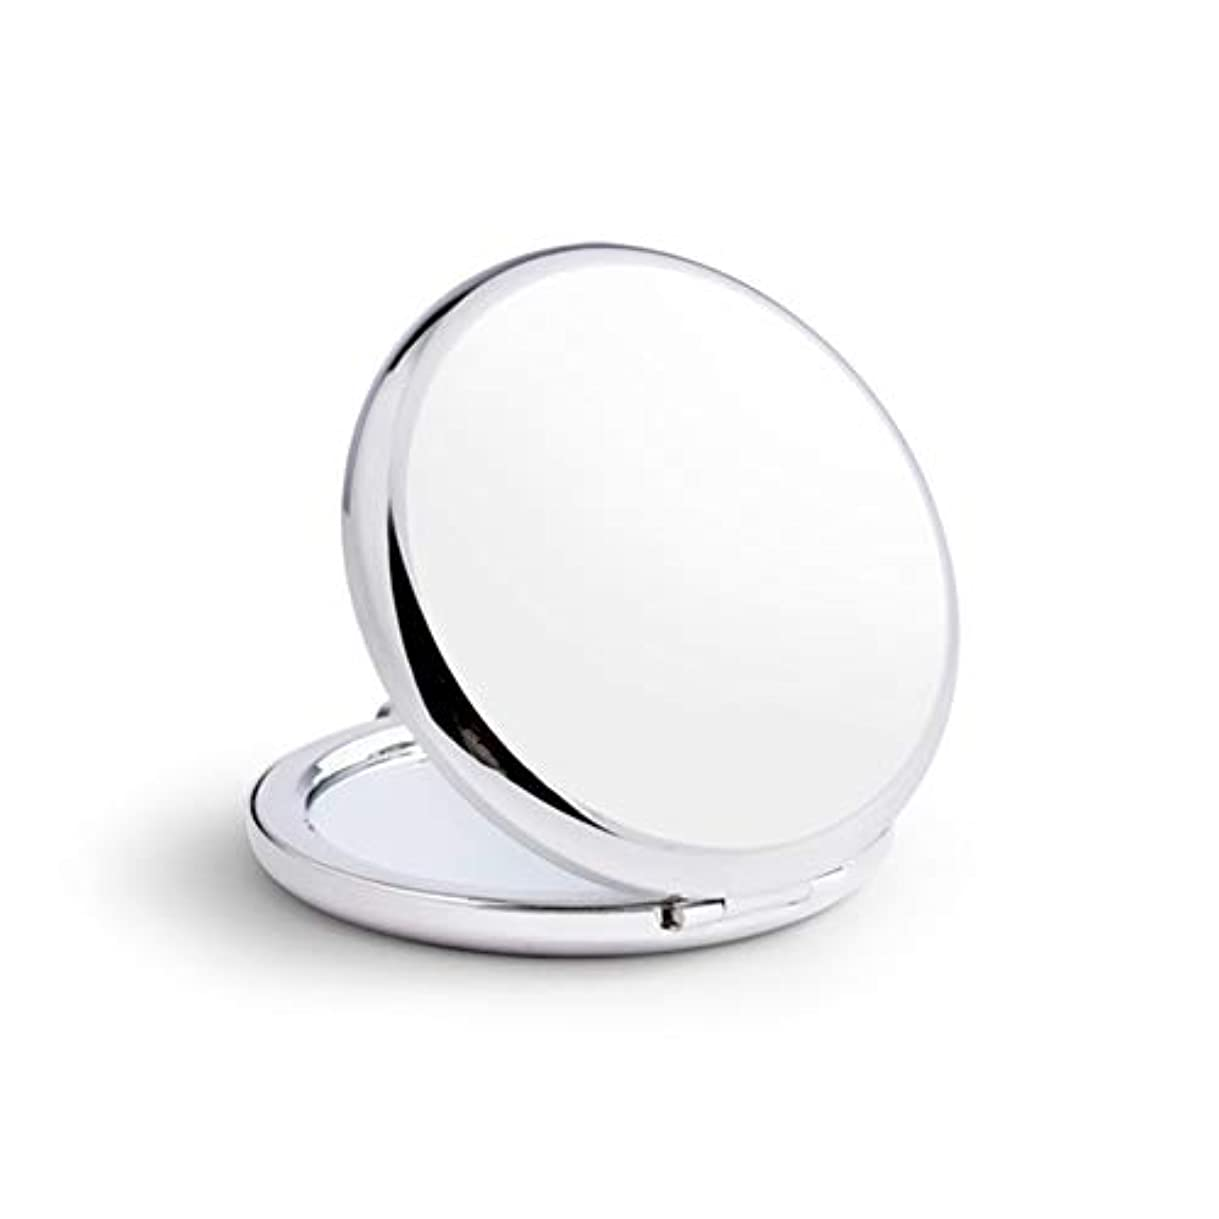 対話和解する苦しむ小さな鏡ステンレス鋼鏡鏡手鏡女姫携帯折りたたみ両面180度回転(丸) (銀)